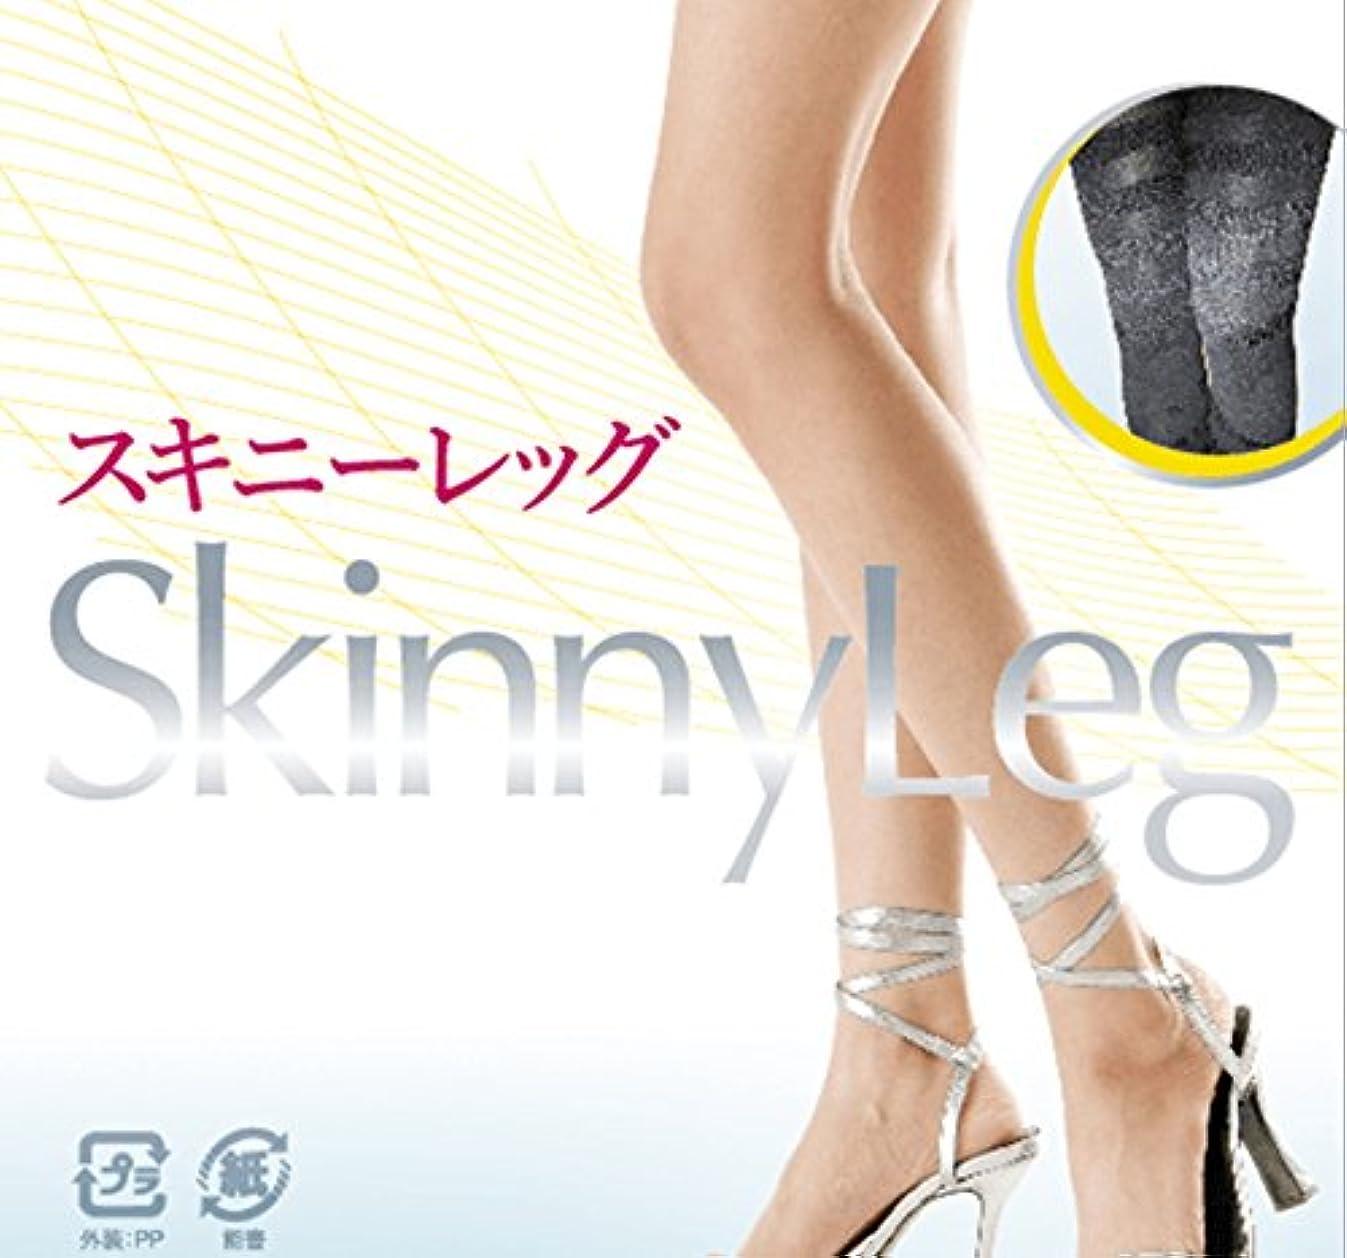 優しいペデスタルバーゲン【1つプレゼント!! 送料無料5個+1個】SkinnyLeg スキニーレッグ